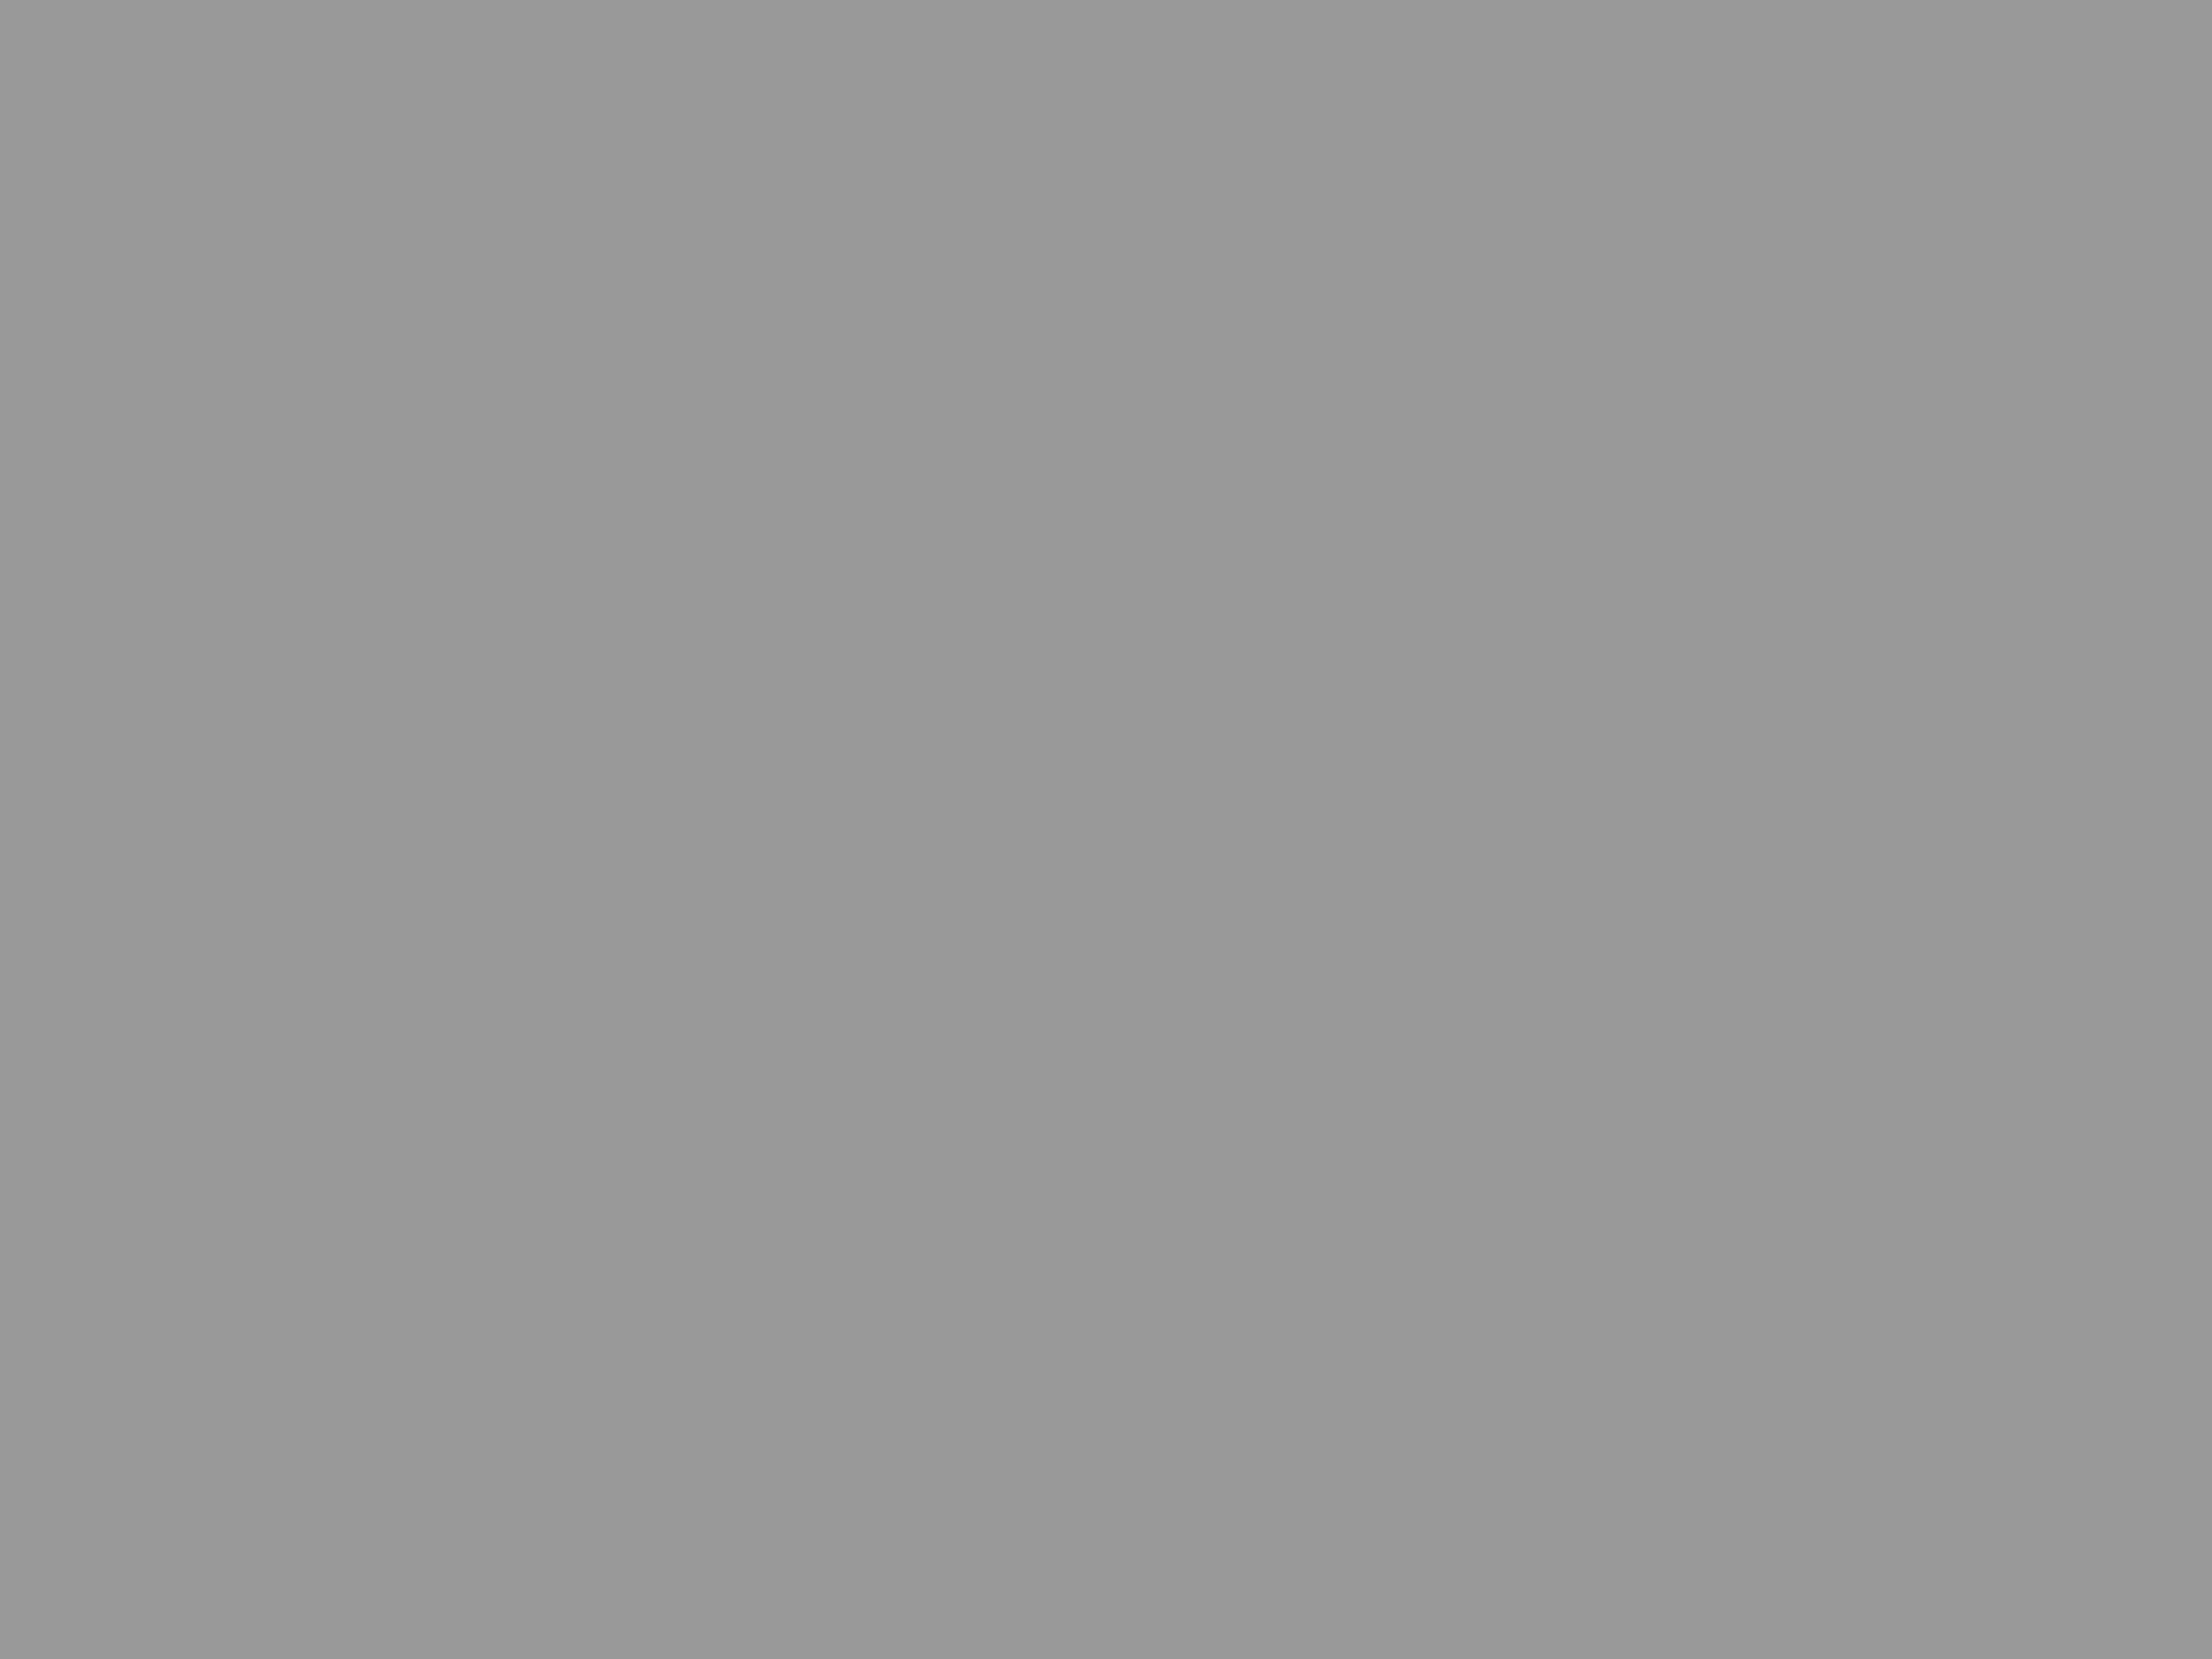 Grau Farbe Kostenloser Hintergrund Farbwirkung